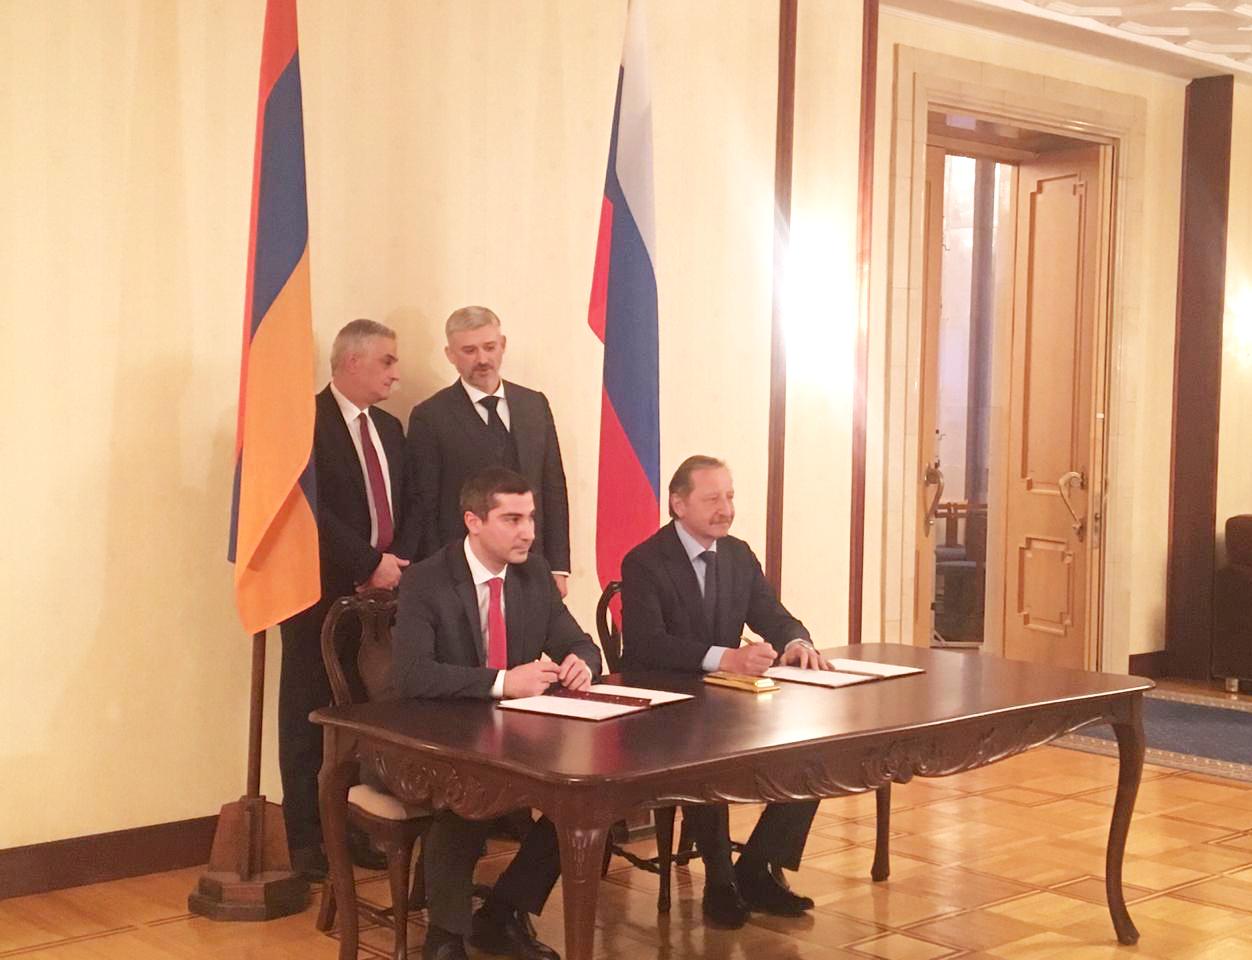 Ստորագրվել է Հայաստանի և Ռուսաստանի զբոսաշրջության լիազոր մարմինների 2019-2021թթ․ համատեղ գործողությունների ծրագիրը